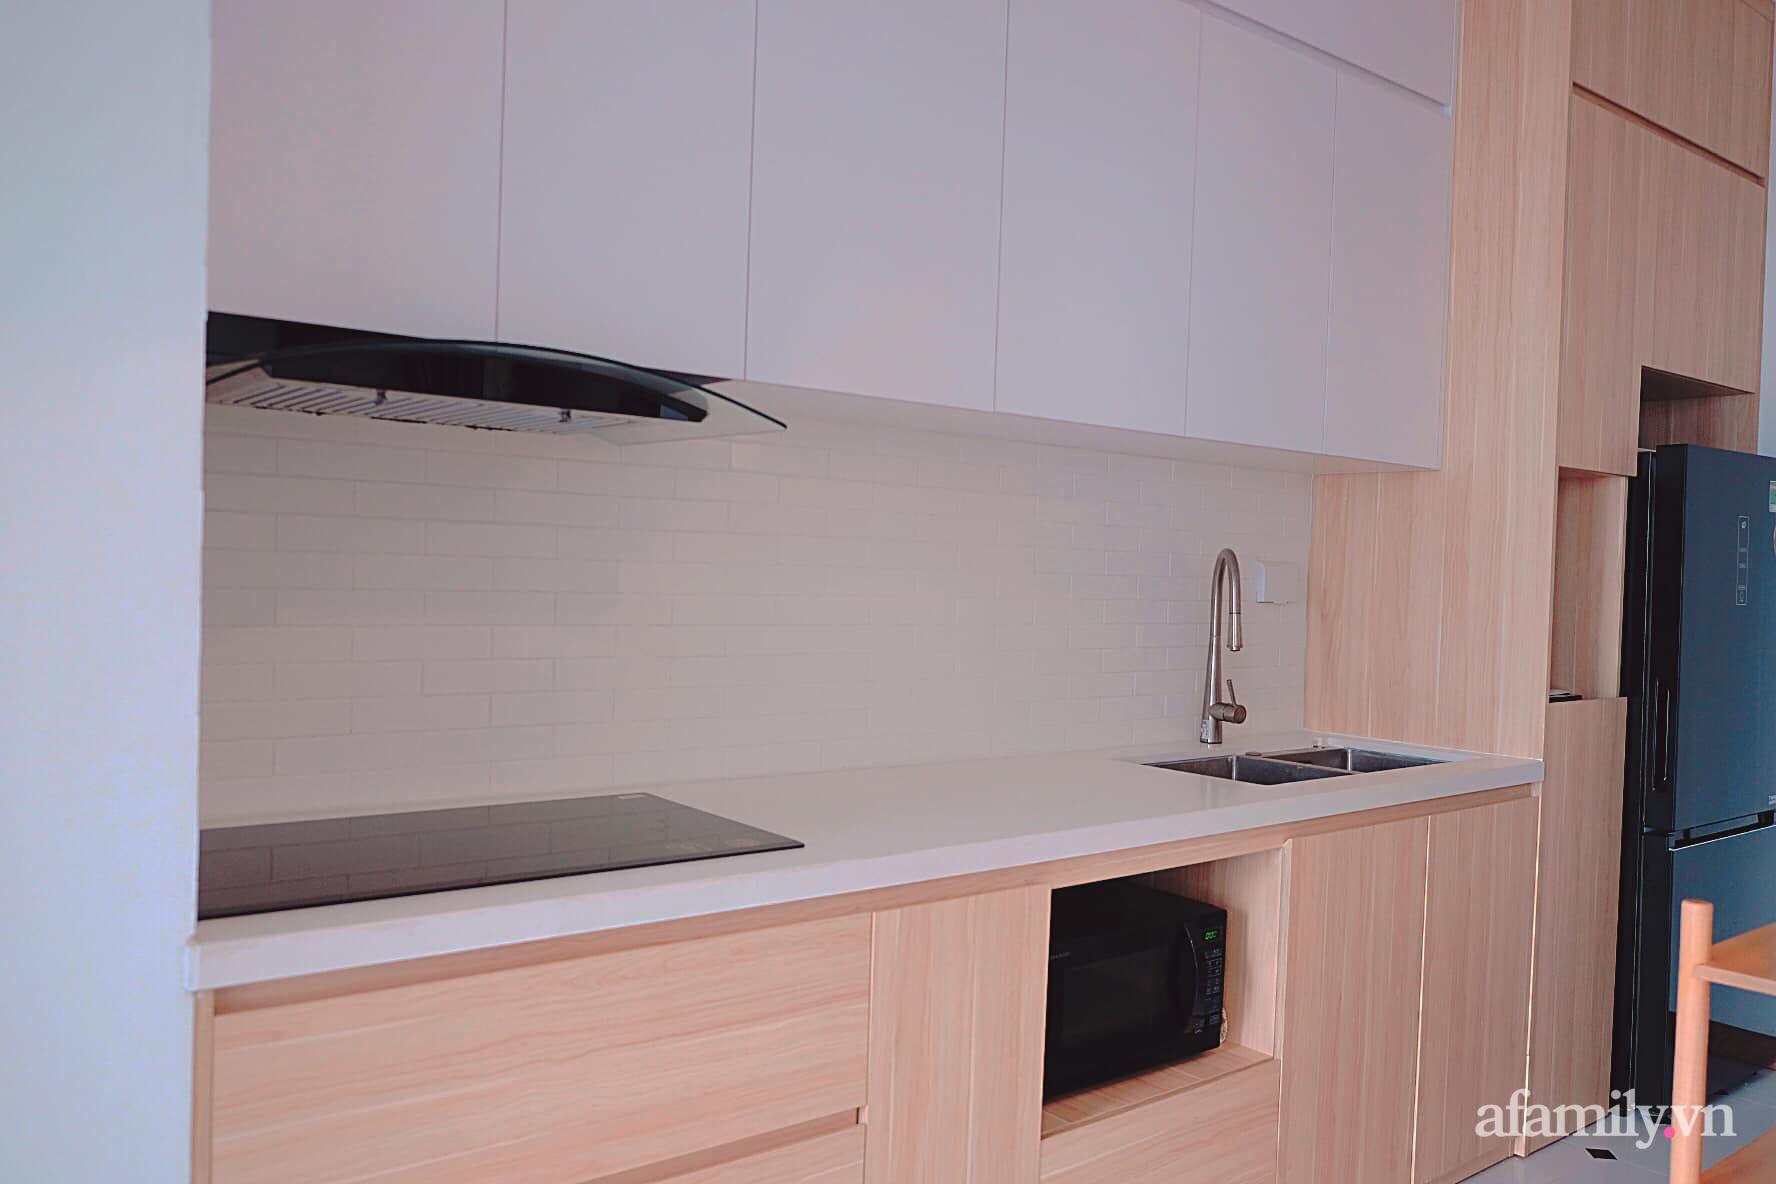 Căn hộ 78m² đẹp tinh tế và tiện dụng với phong cách tối giản của cặp vợ chồng trẻ ở Hà Nội - Ảnh 7.